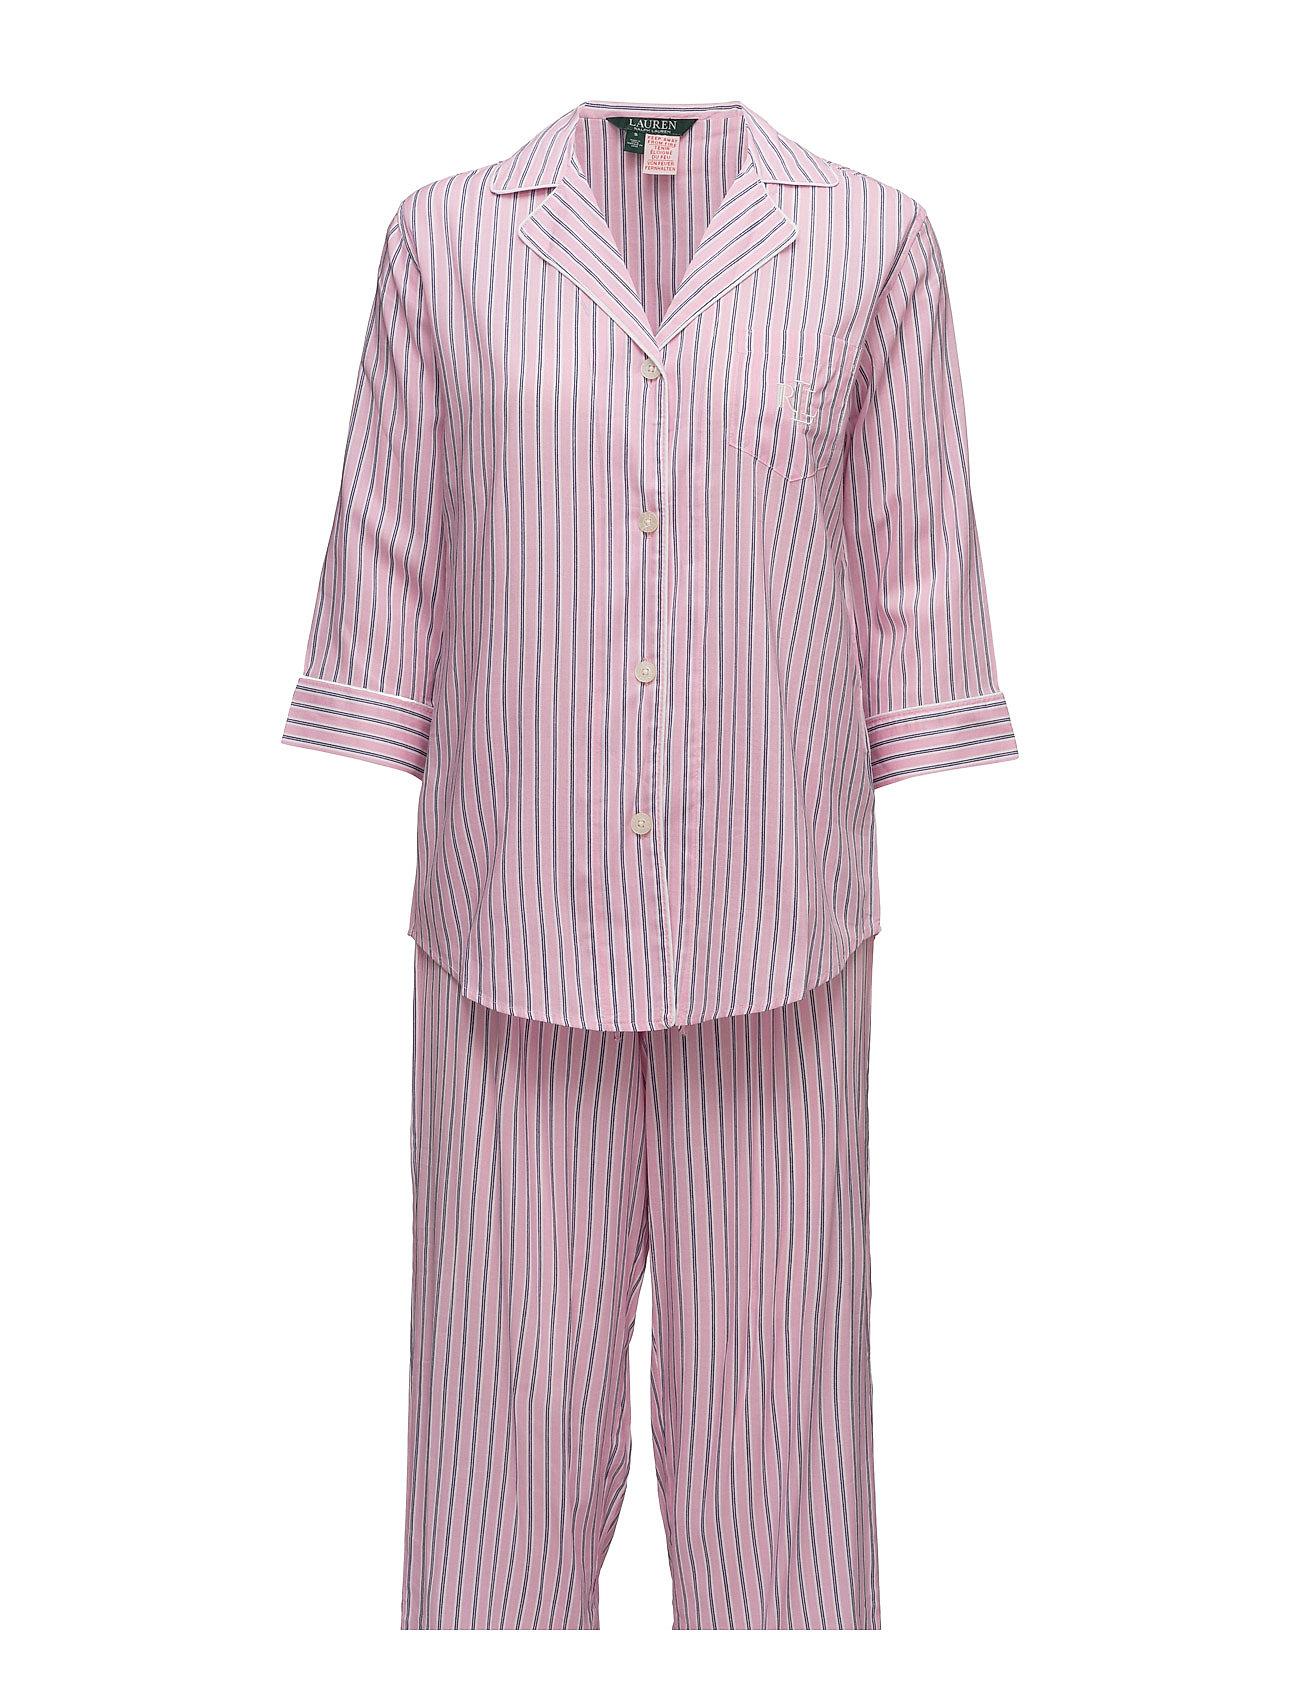 Lauren Ralph Lauren Homewear LRL MAYFAIR NOTCH COLLAR PJ SET